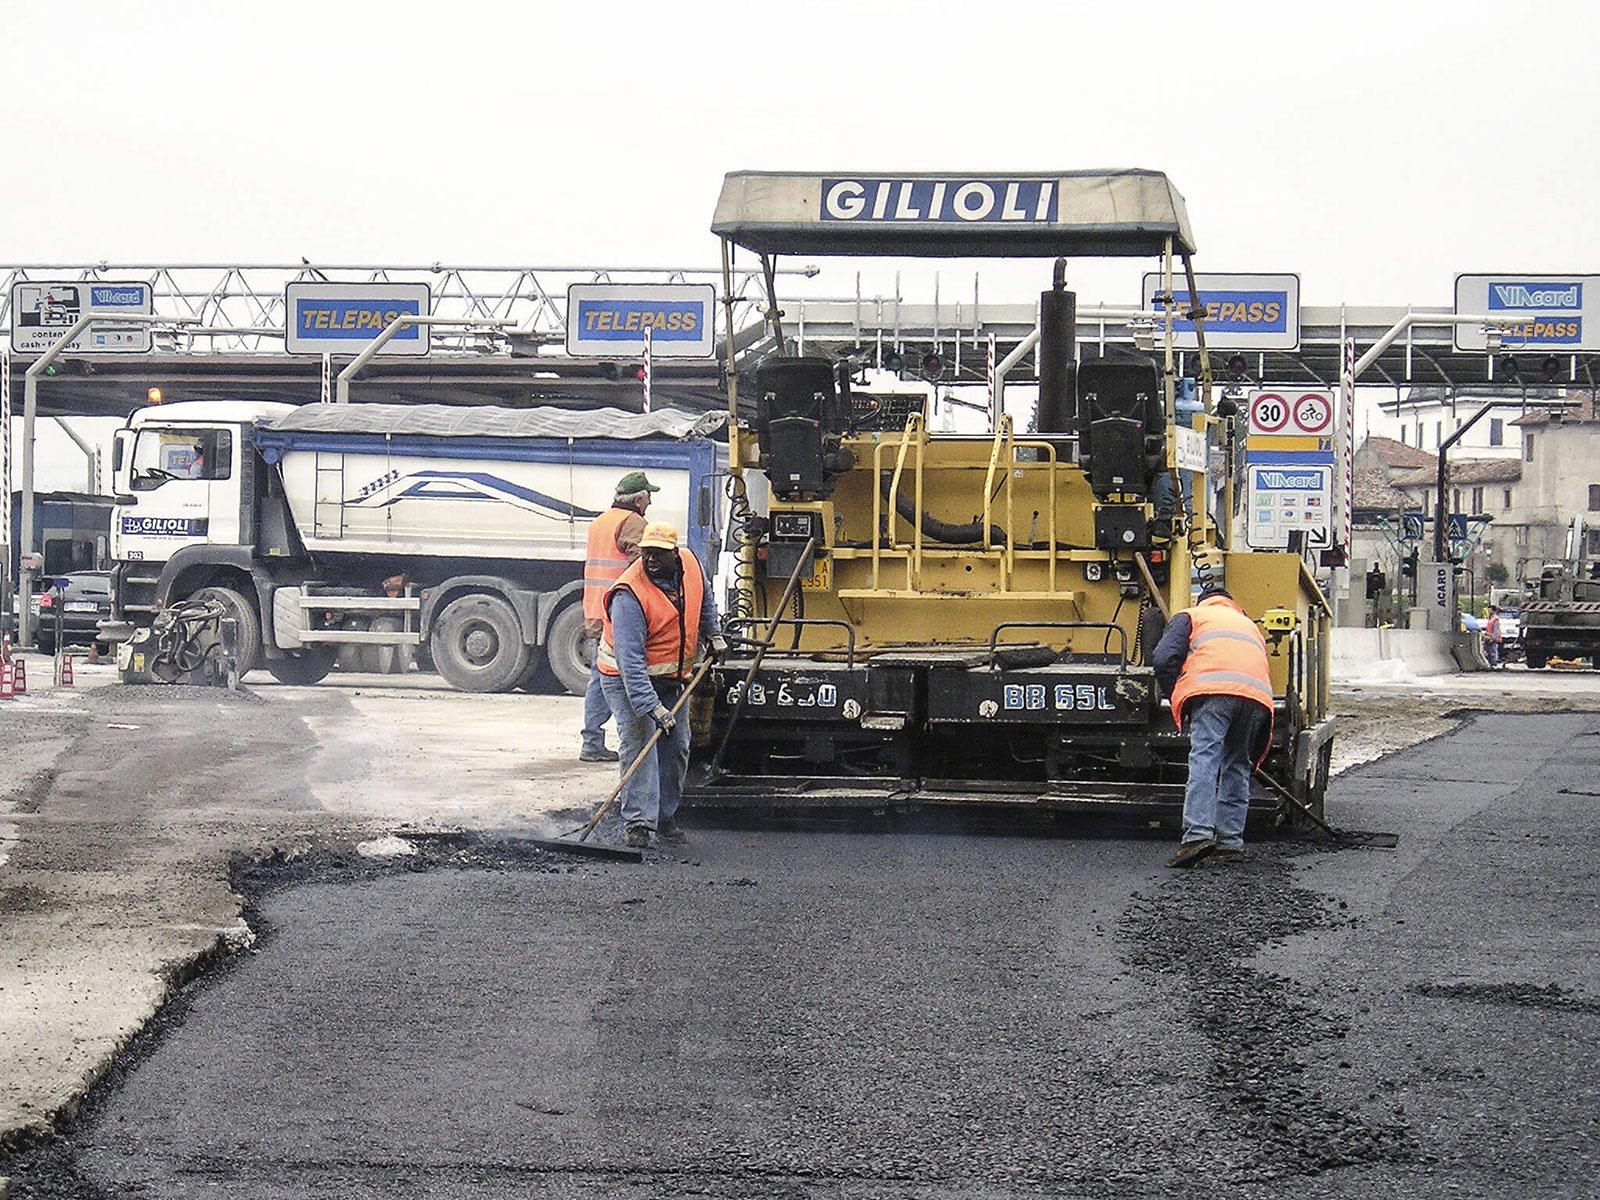 Infrastruttura stradale in realizzazione